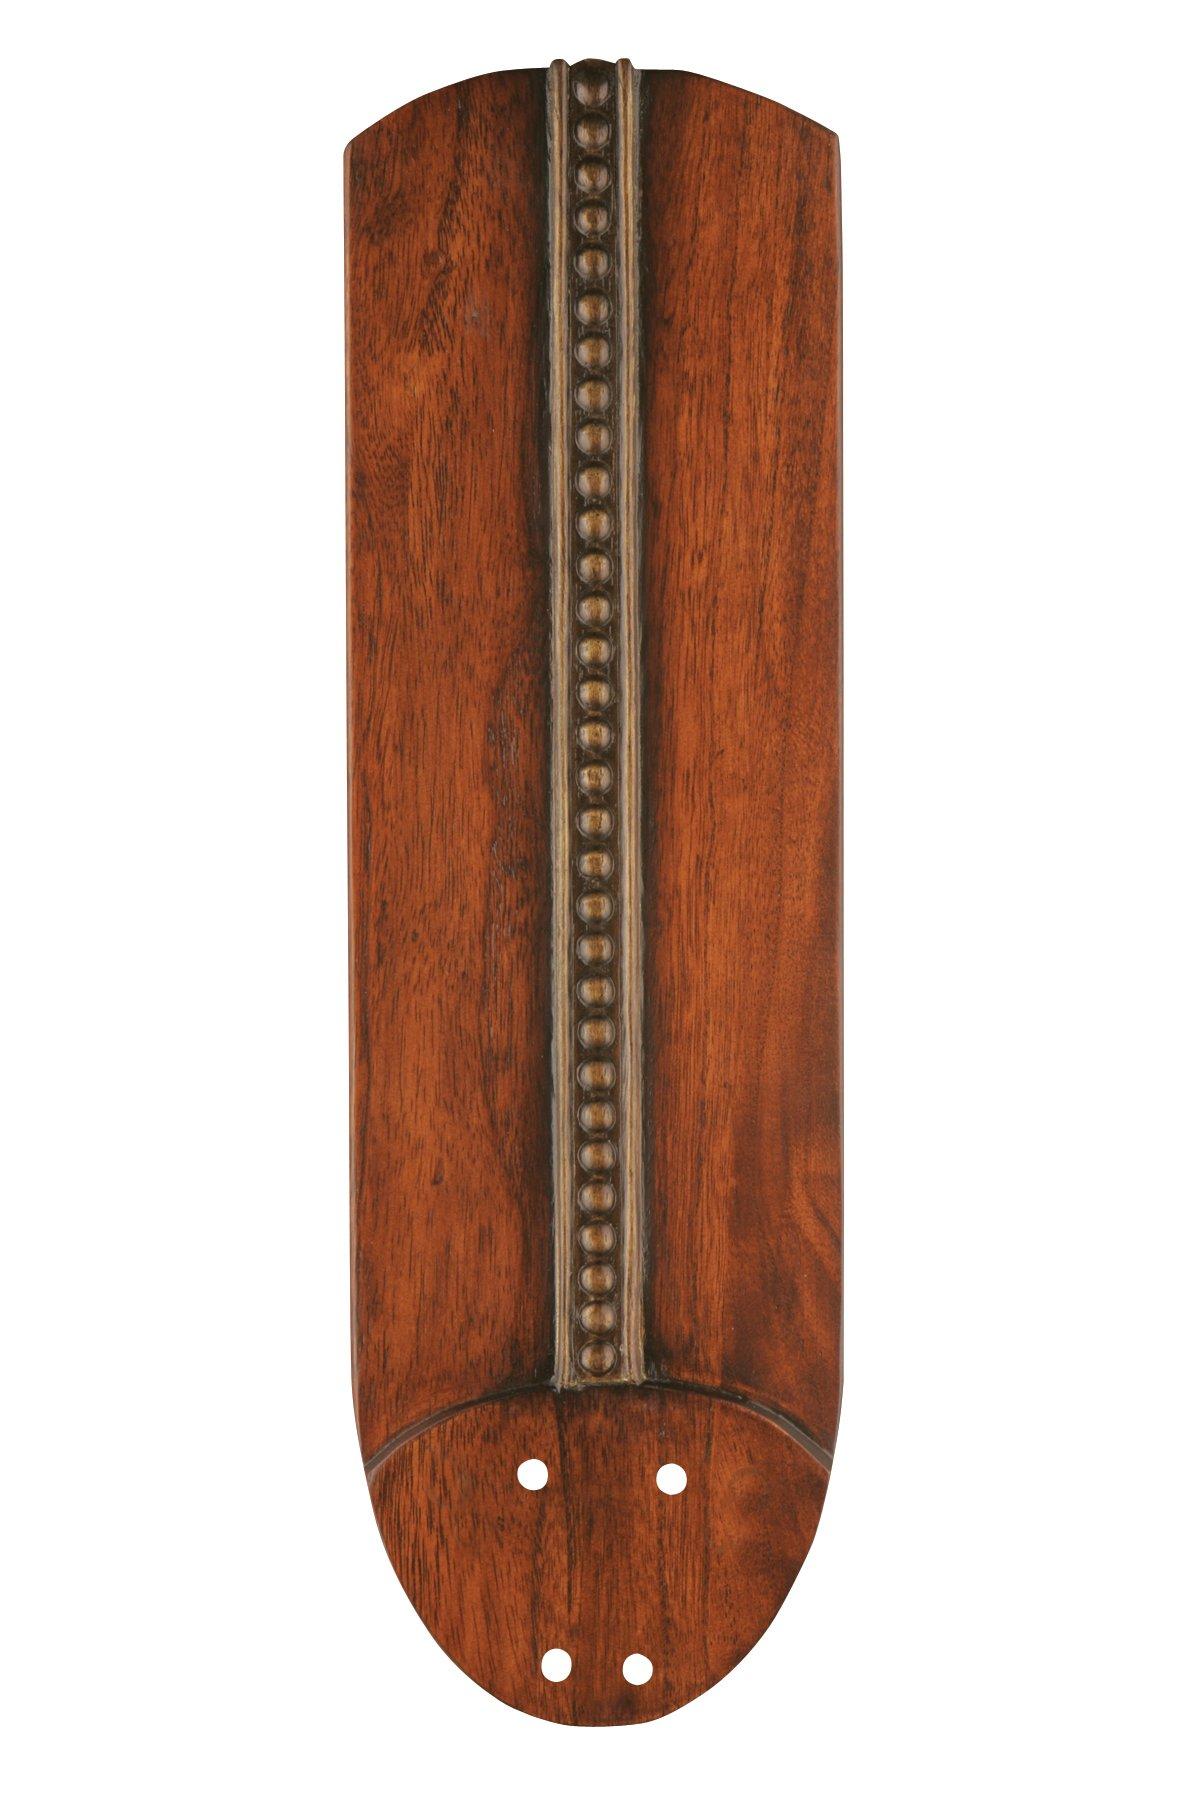 Emerson Ceiling Fan Blades B105HCB 22-Inch Beaded Hand Carved Wood Ceiling Fan Blades by Emerson